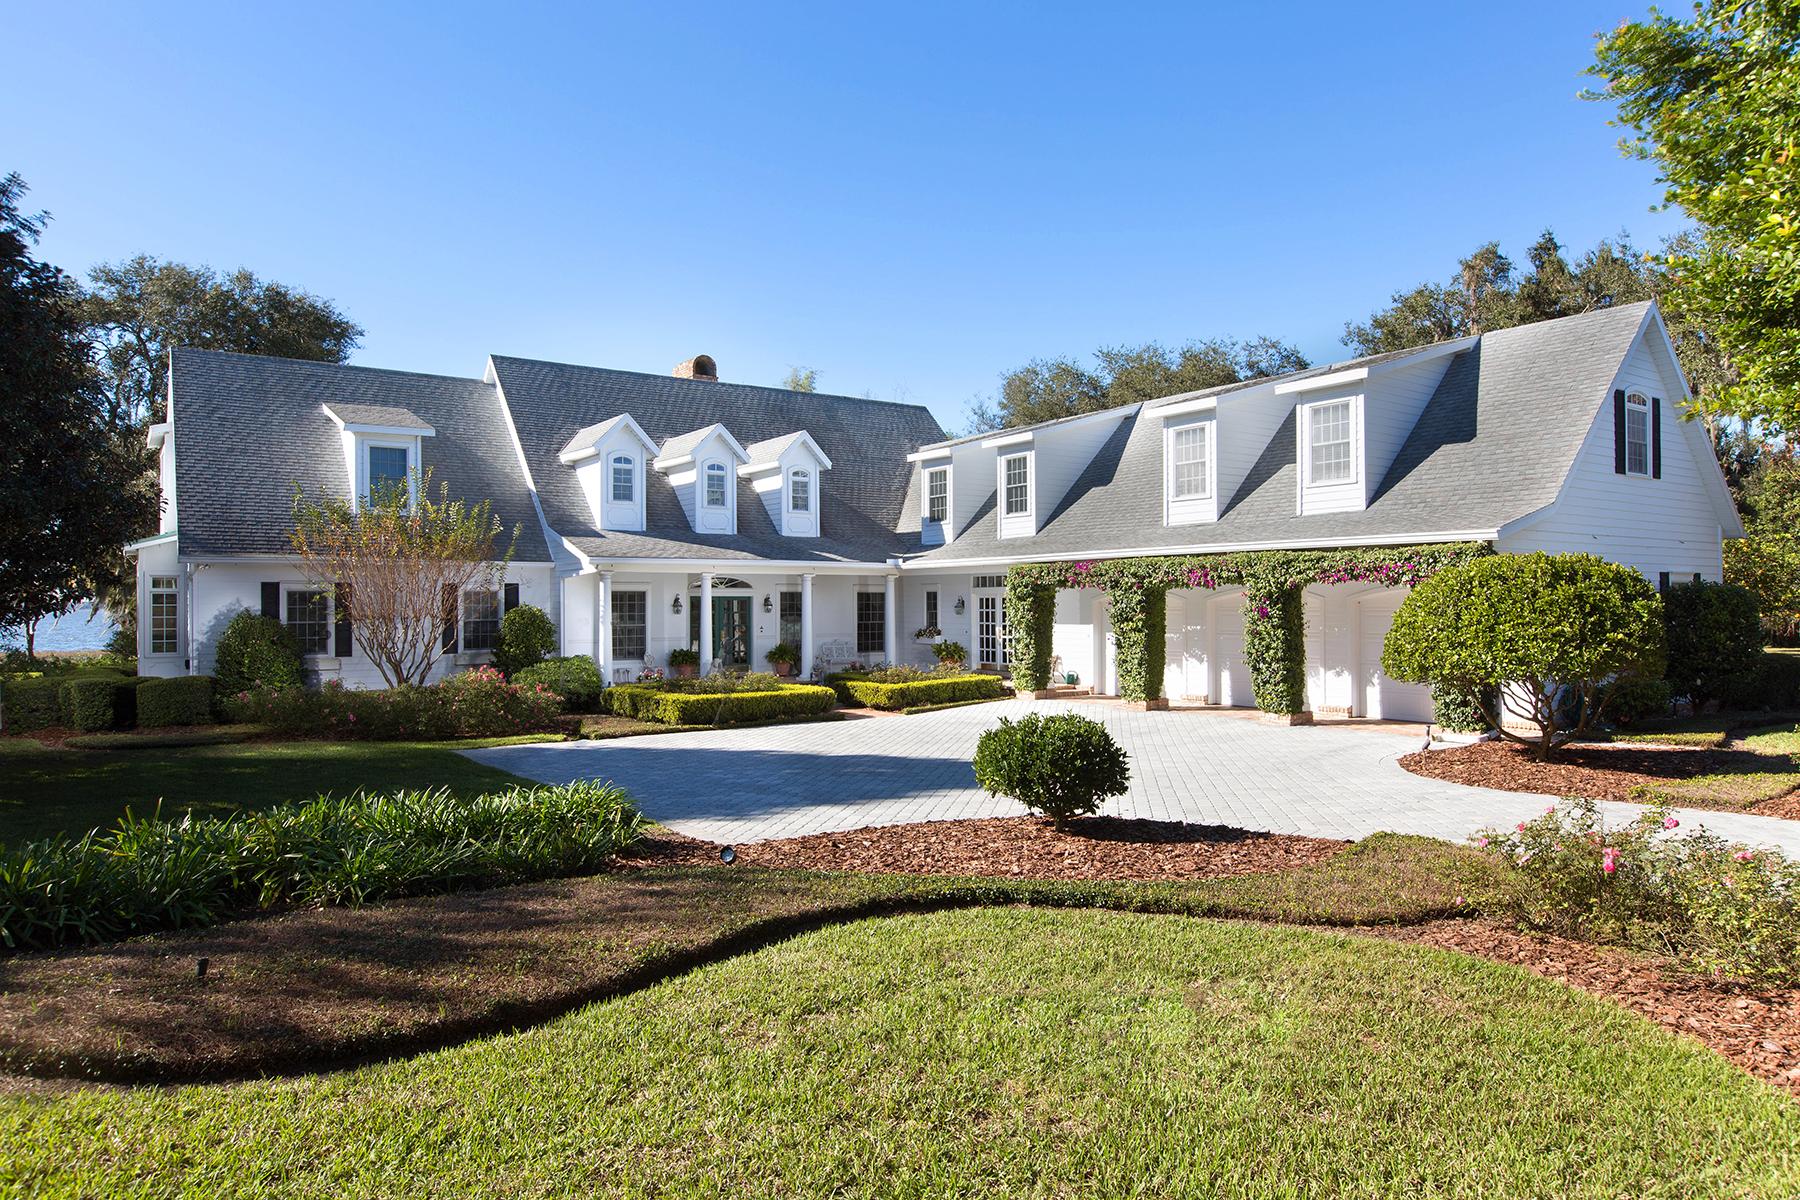 Maison unifamiliale pour l Vente à ORLANDO - TAVARES 1200 Peninsula Dr Tavares, Florida, 32778 États-Unis